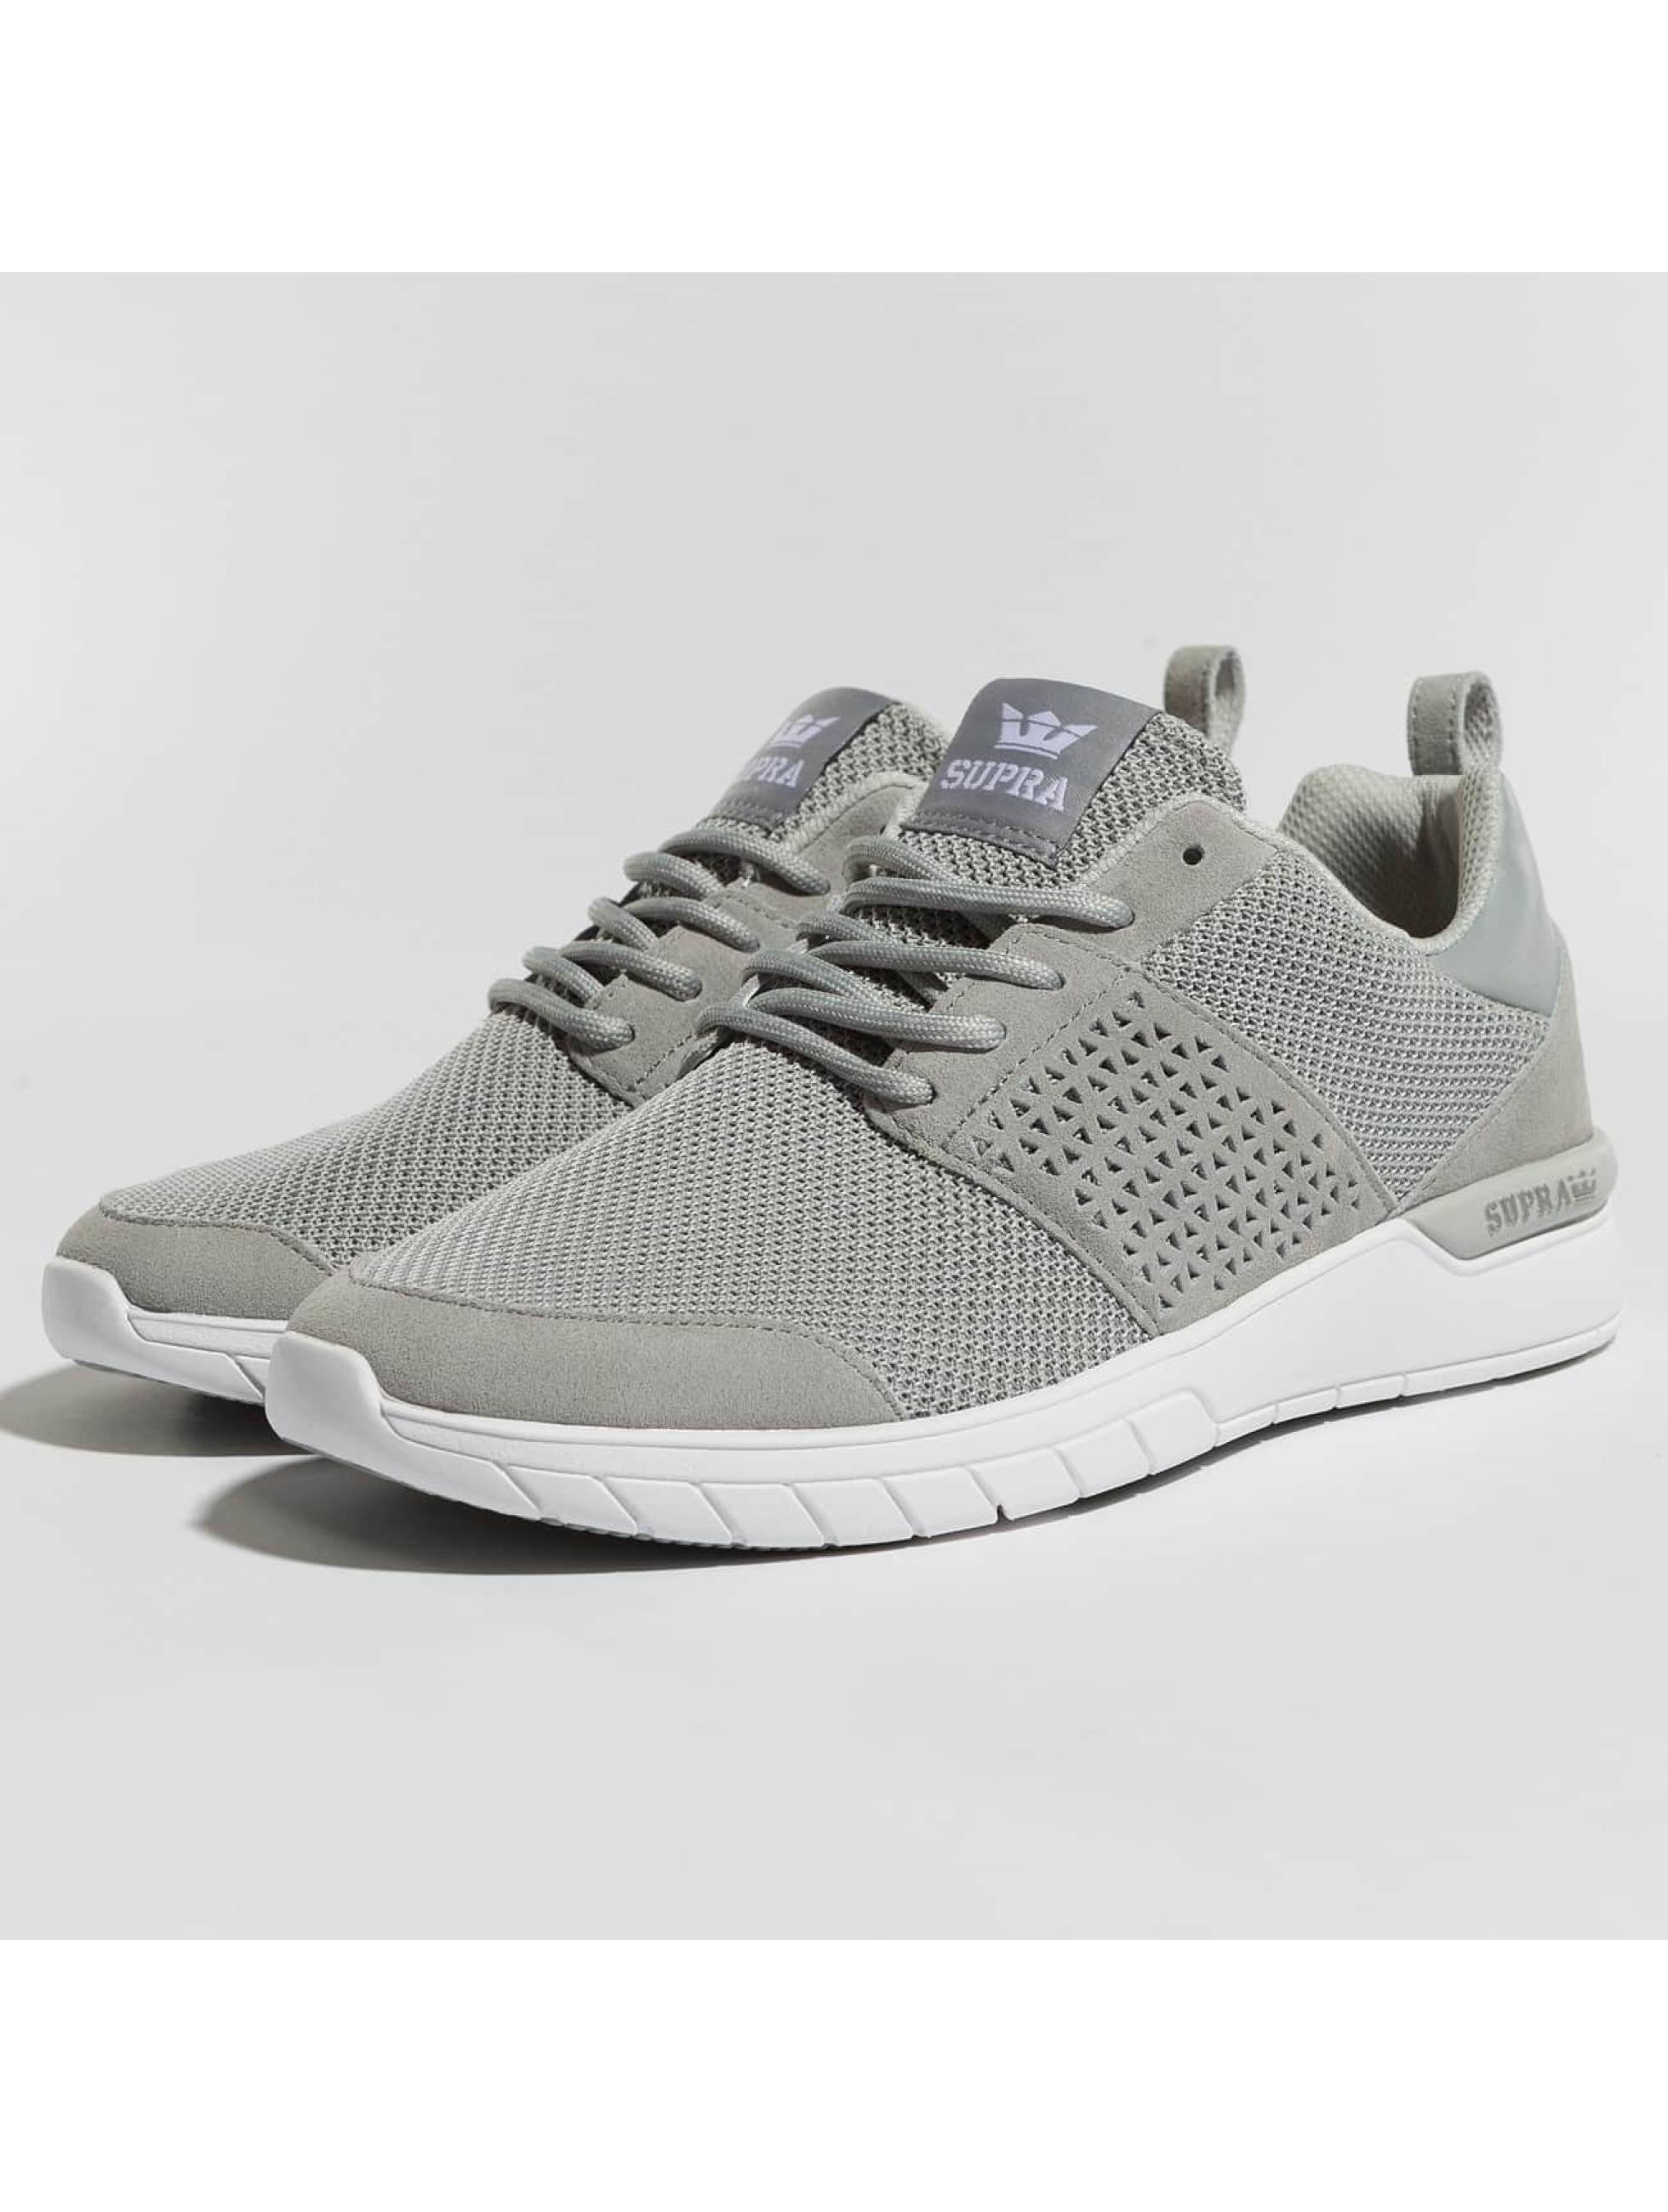 Günstig Kaufen 2018 Neue Countdown Paket Online Herren Schuhe Sneaker  Aluminium Grau 43 Supra t7i7oCcb e776641e33